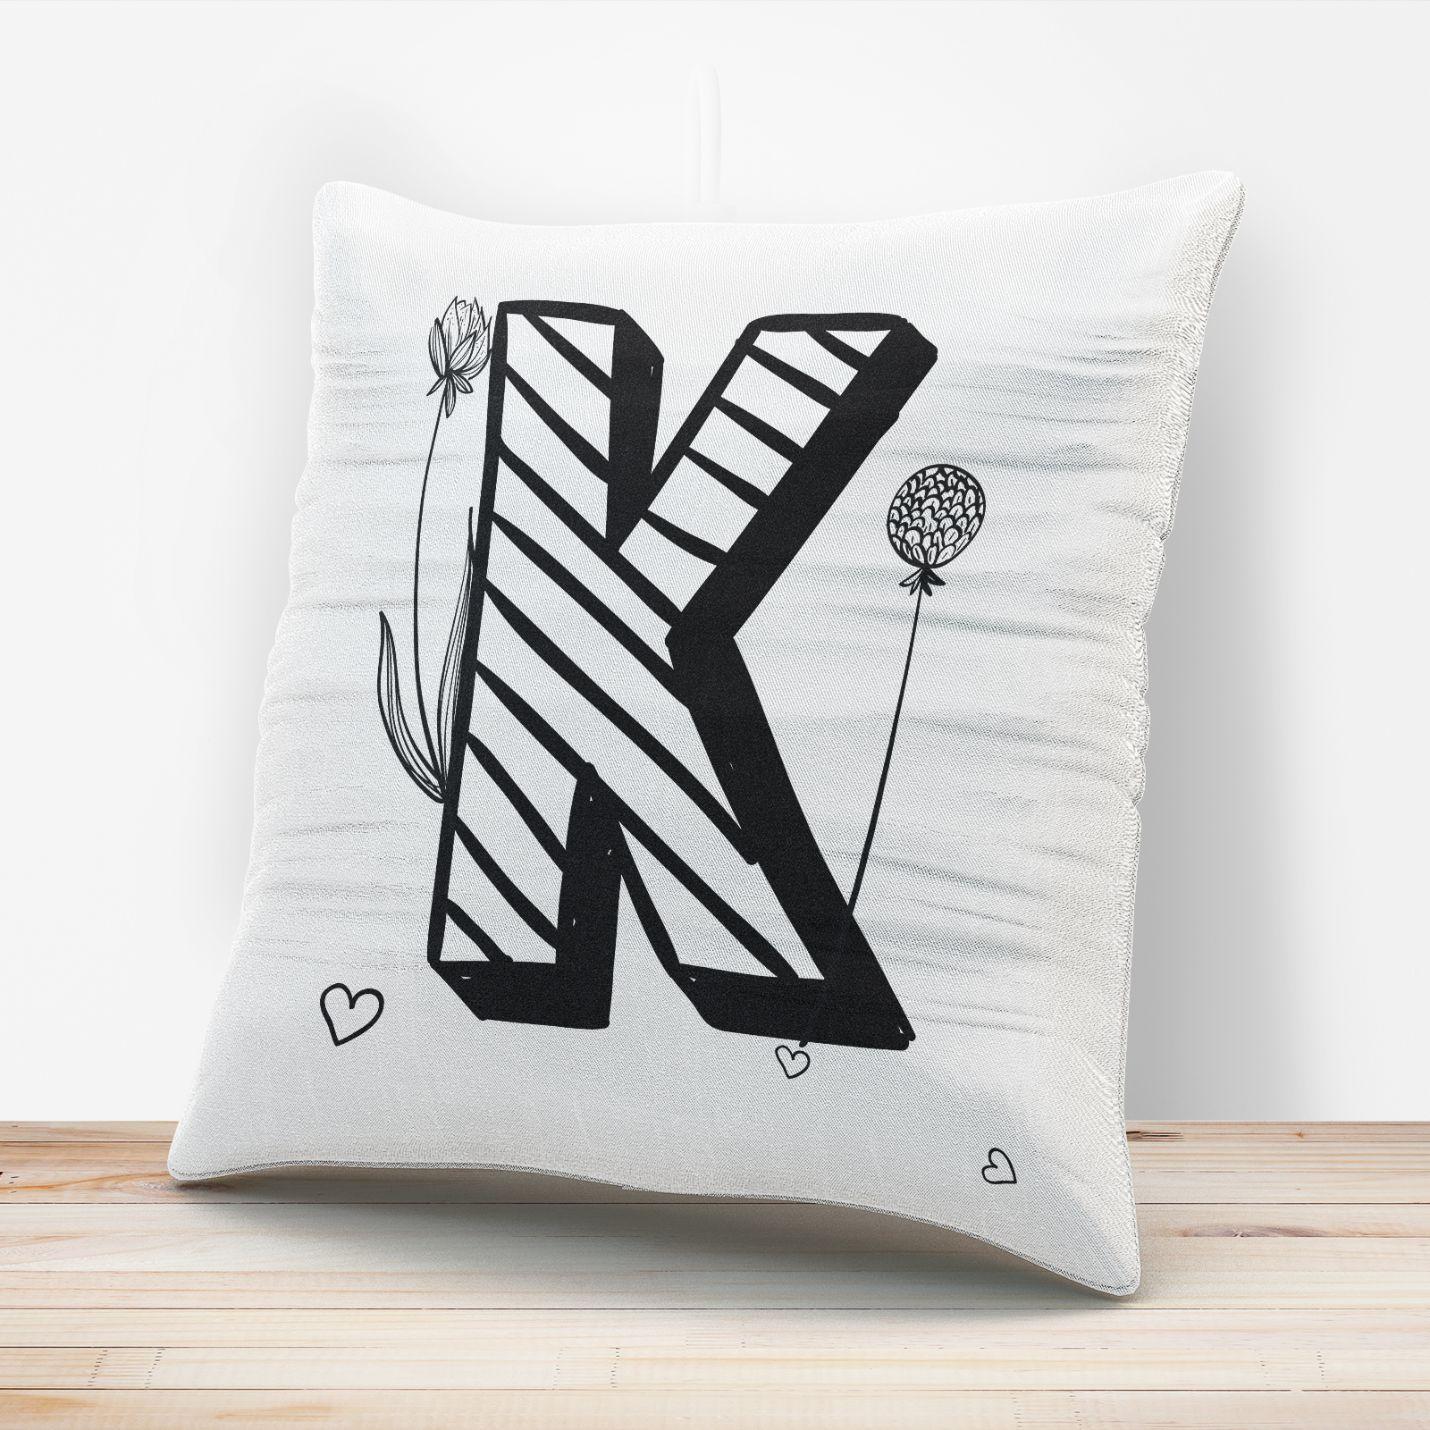 K Harfi Tasarımlı Yastık Kılıfı